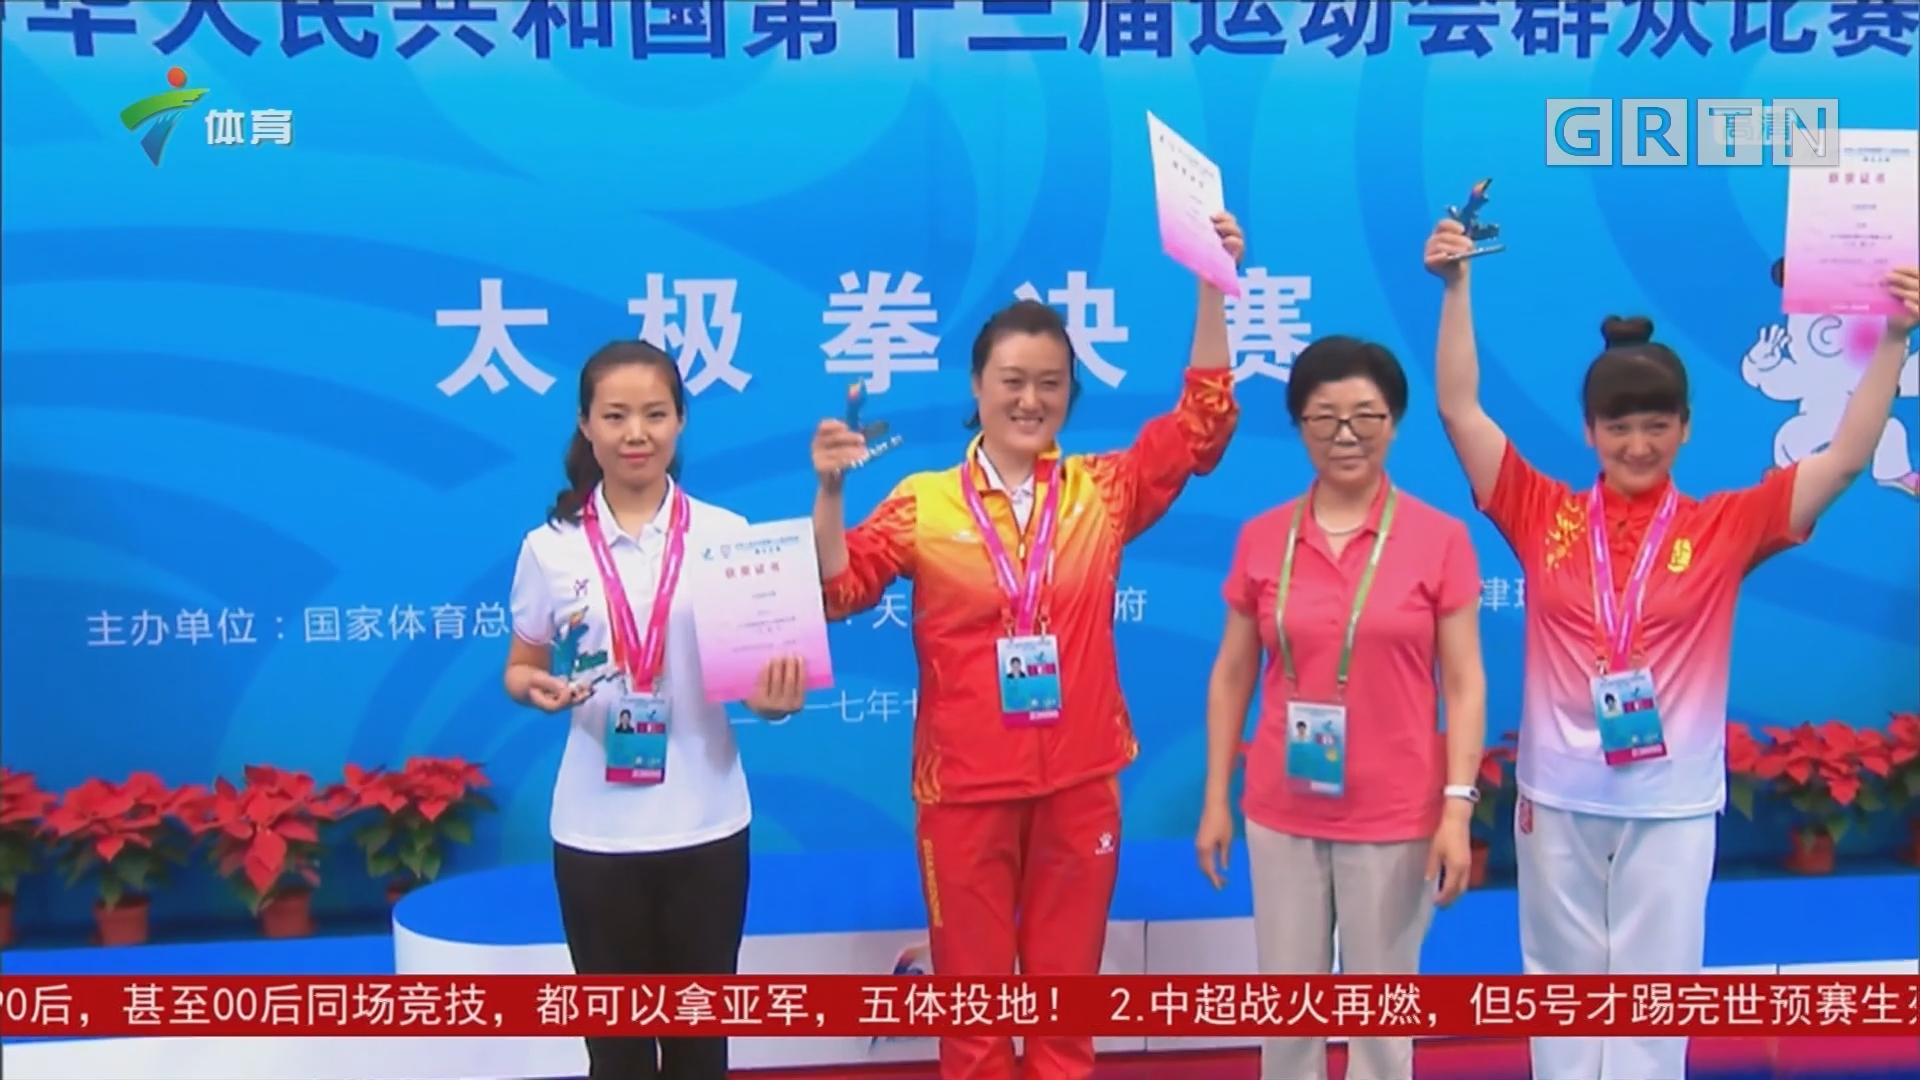 天津全运会群众项目 广东代表团表现优异